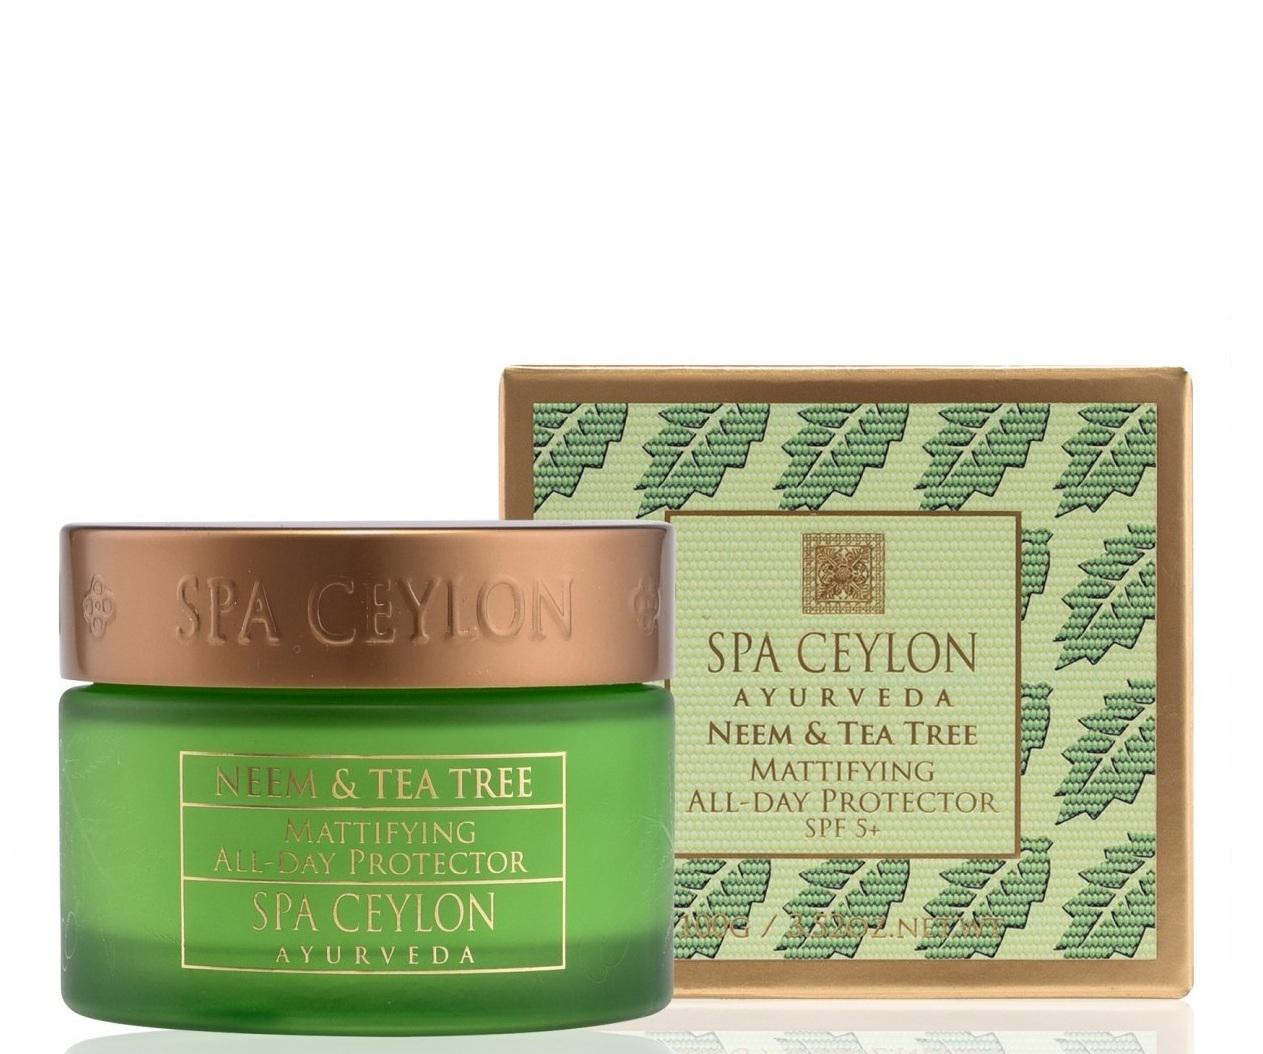 Купить SPA CEYLON Крем матирующий дневной для лица SPF 5+ Ним и чайное дерево 100 г